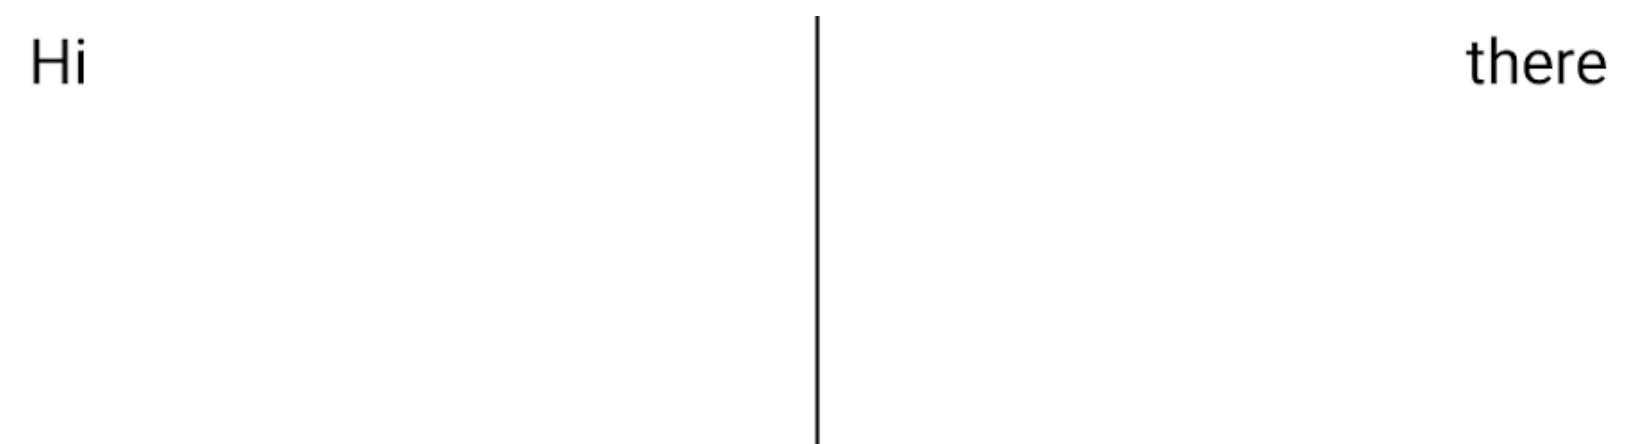 나란히 표시된 두 텍스트 요소, 사이에 구분선이 있지만 구분선이 텍스트 하단 아래로 확장됨